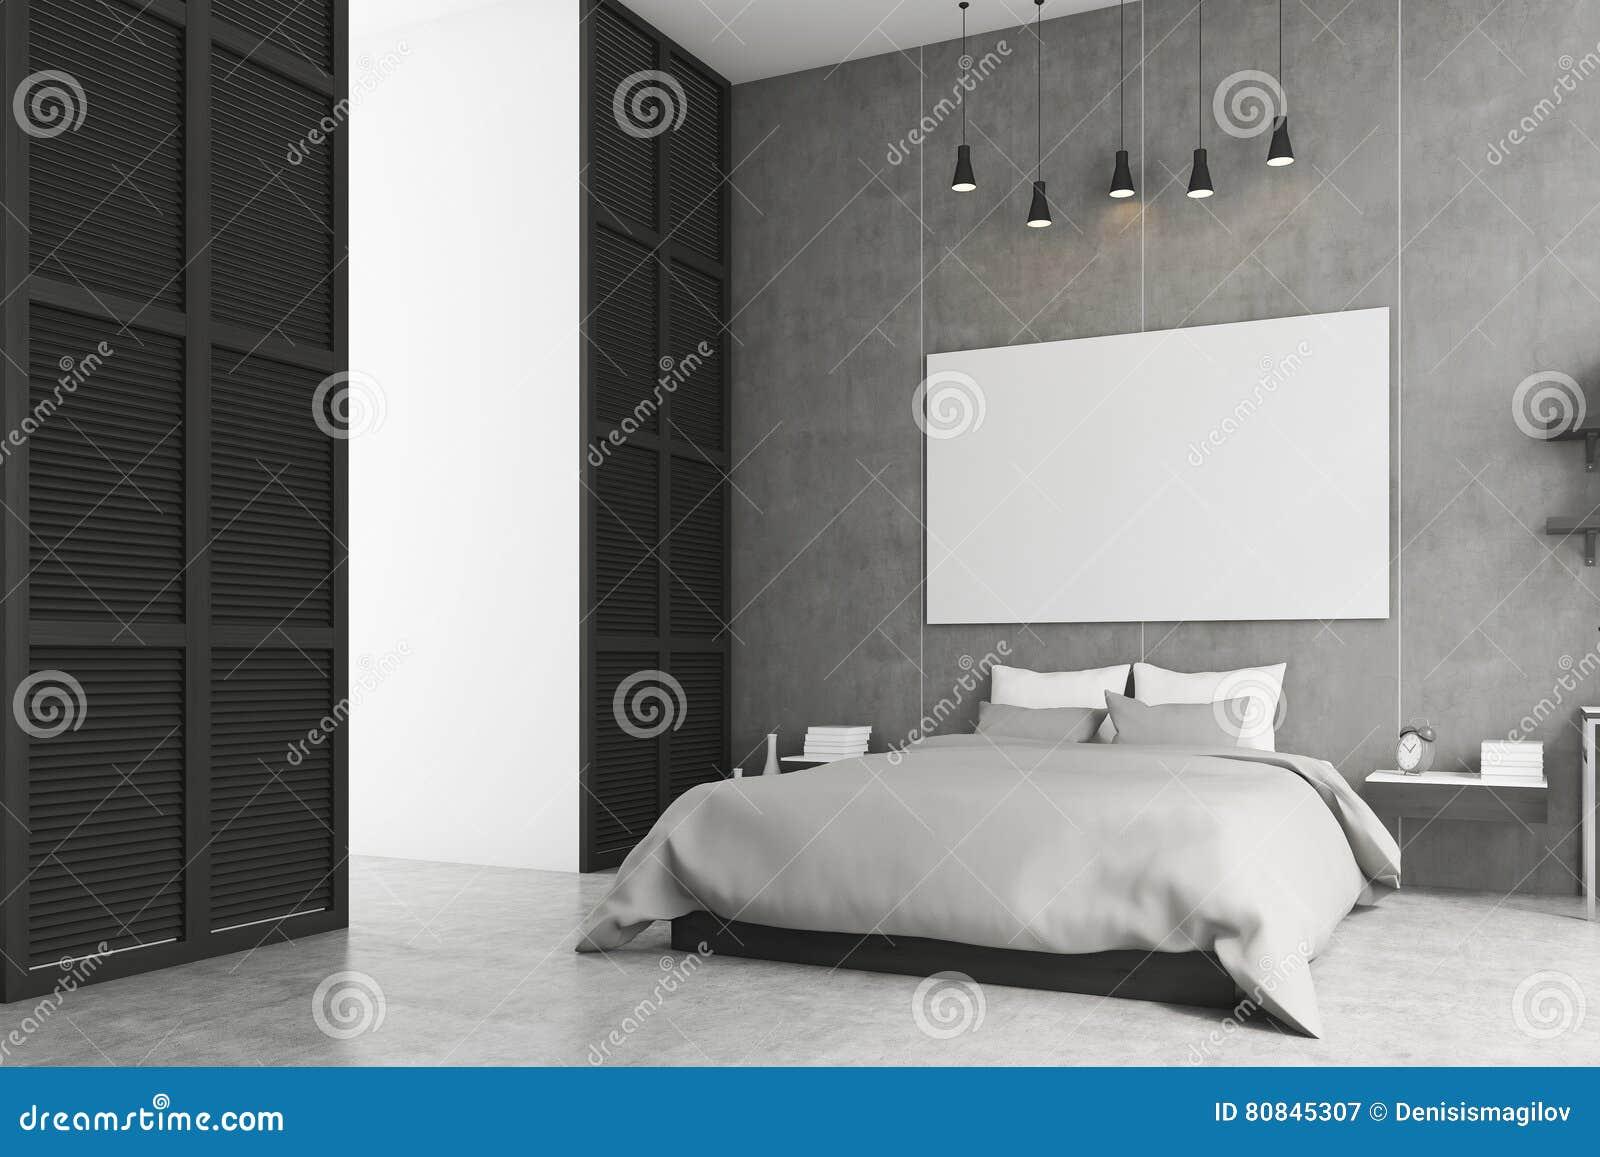 Slaapkamer Zwarte Muren : Slaapkamer met affiche en een venster in een zwarte muur stock